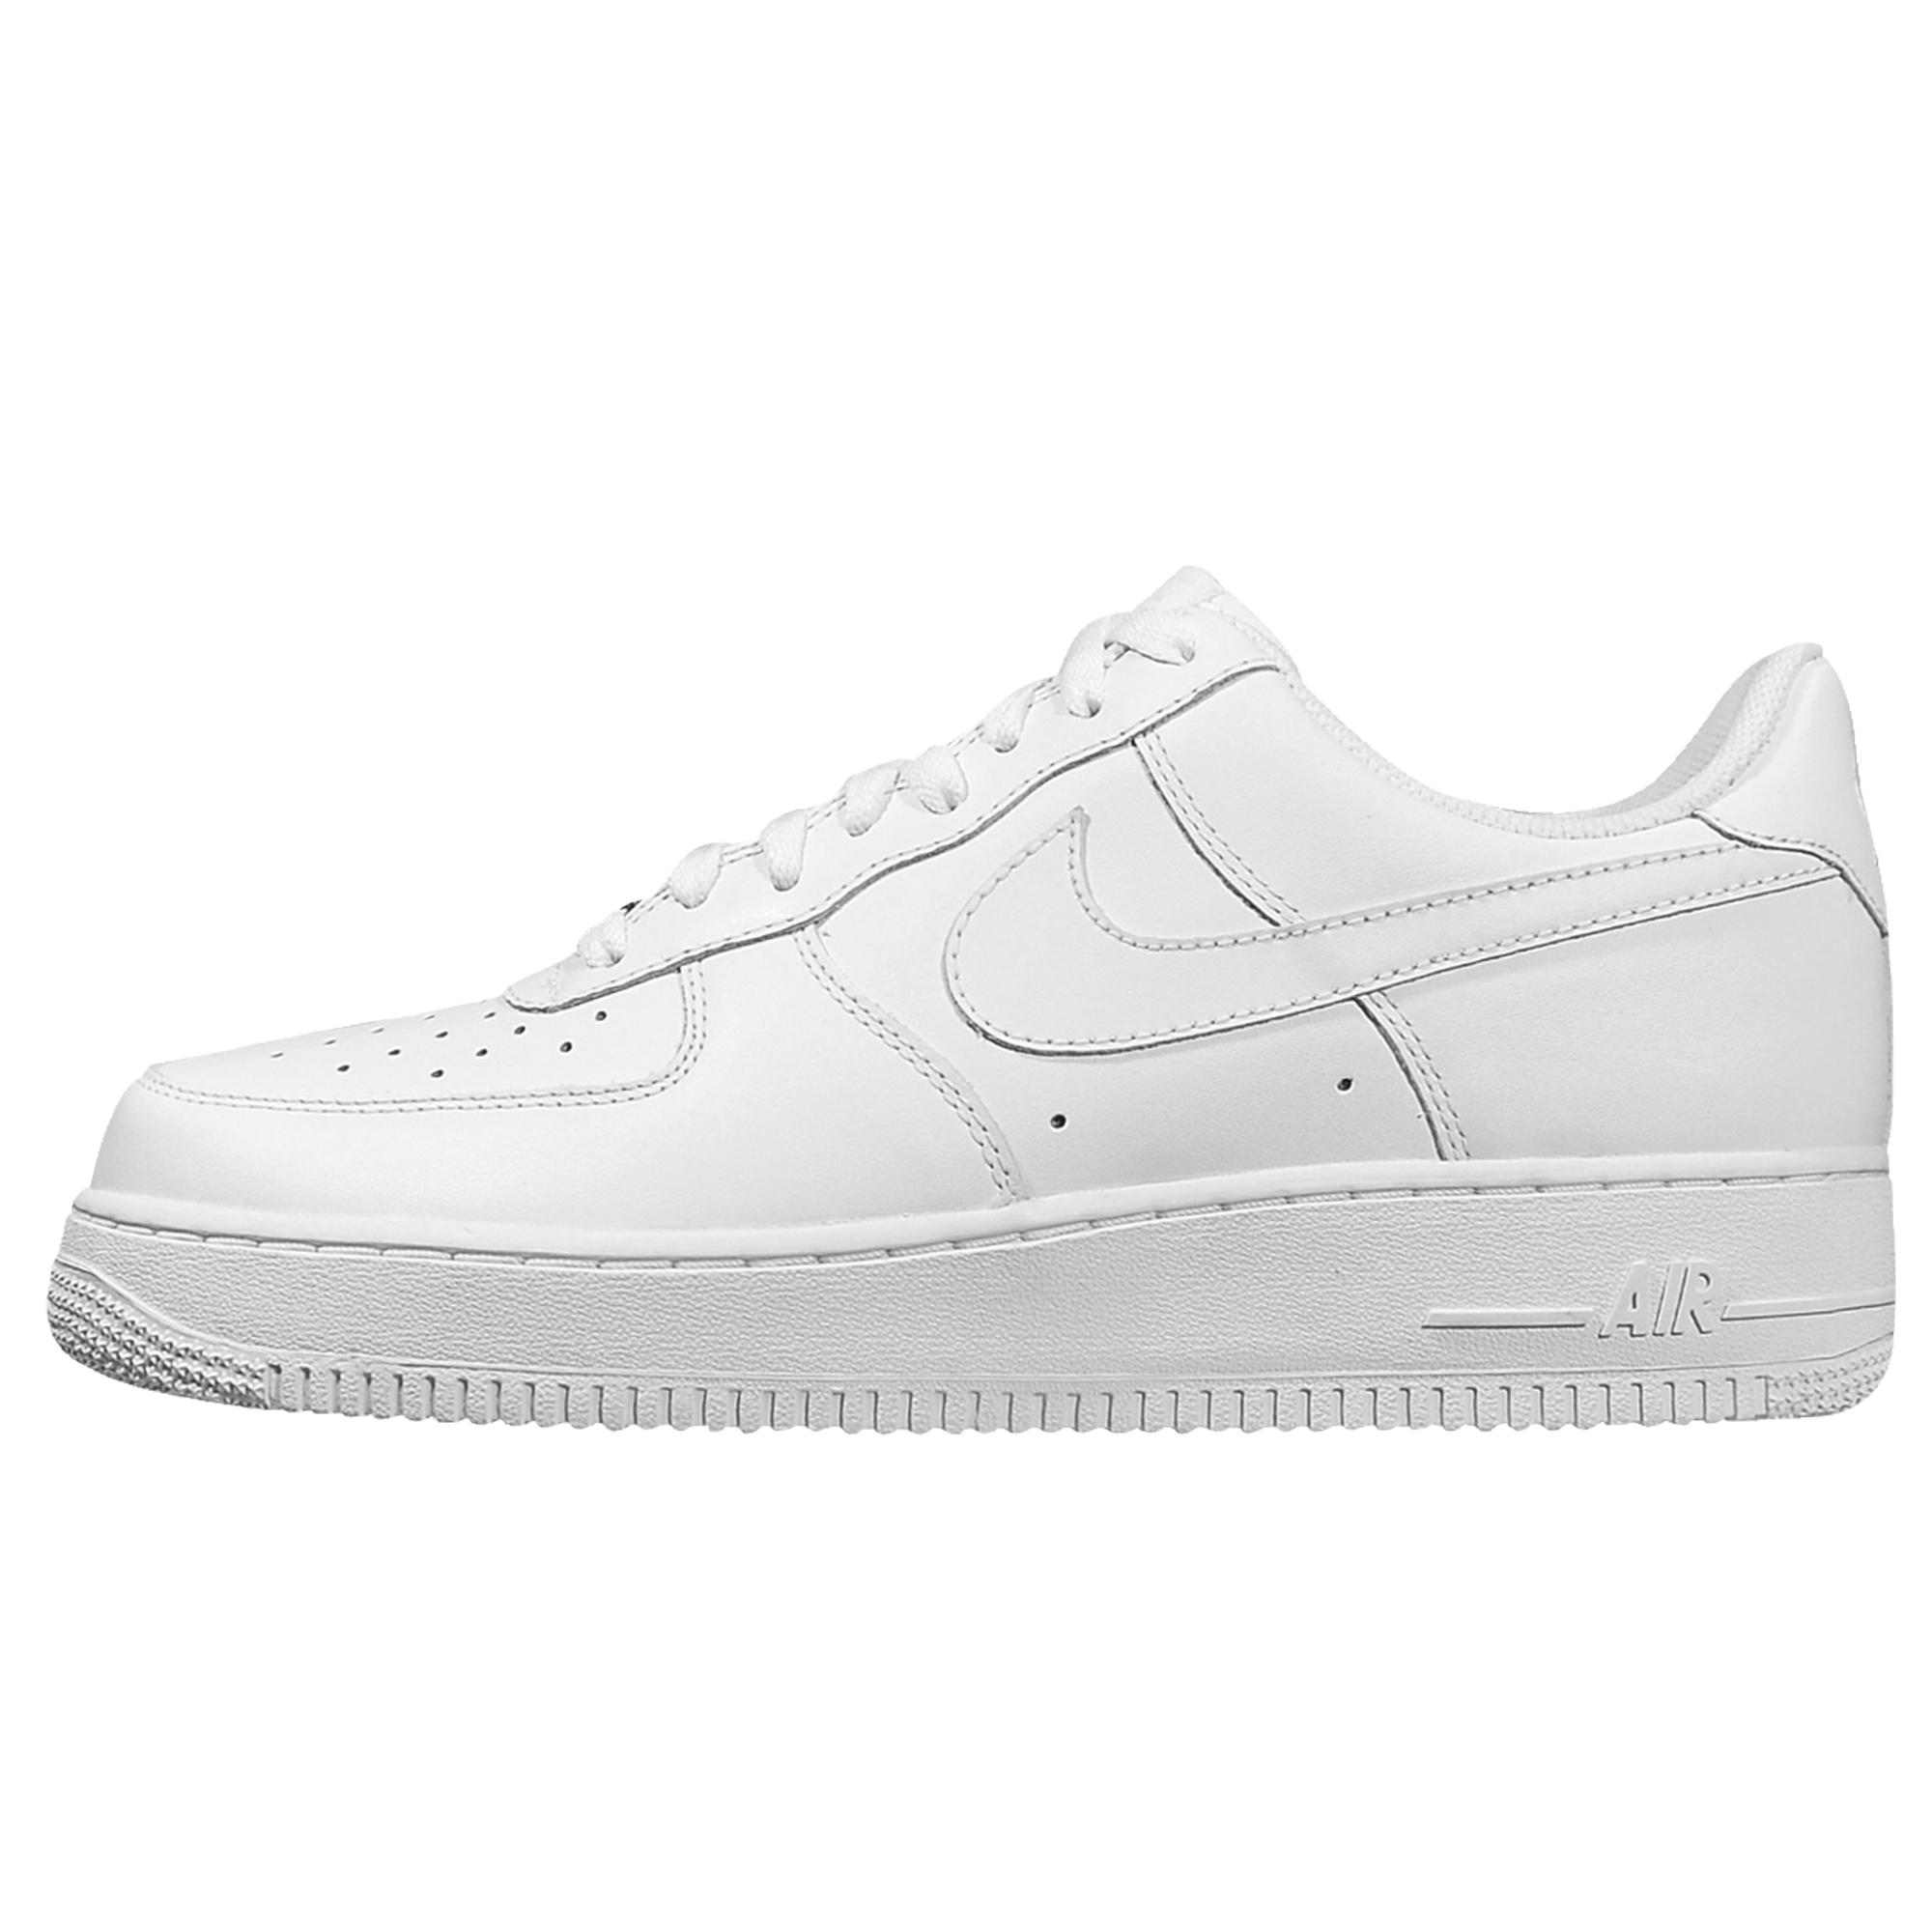 online retailer 3b7d7 e6482 Nike Air Force 1  07 CO Erkek Spor Ayakkabı